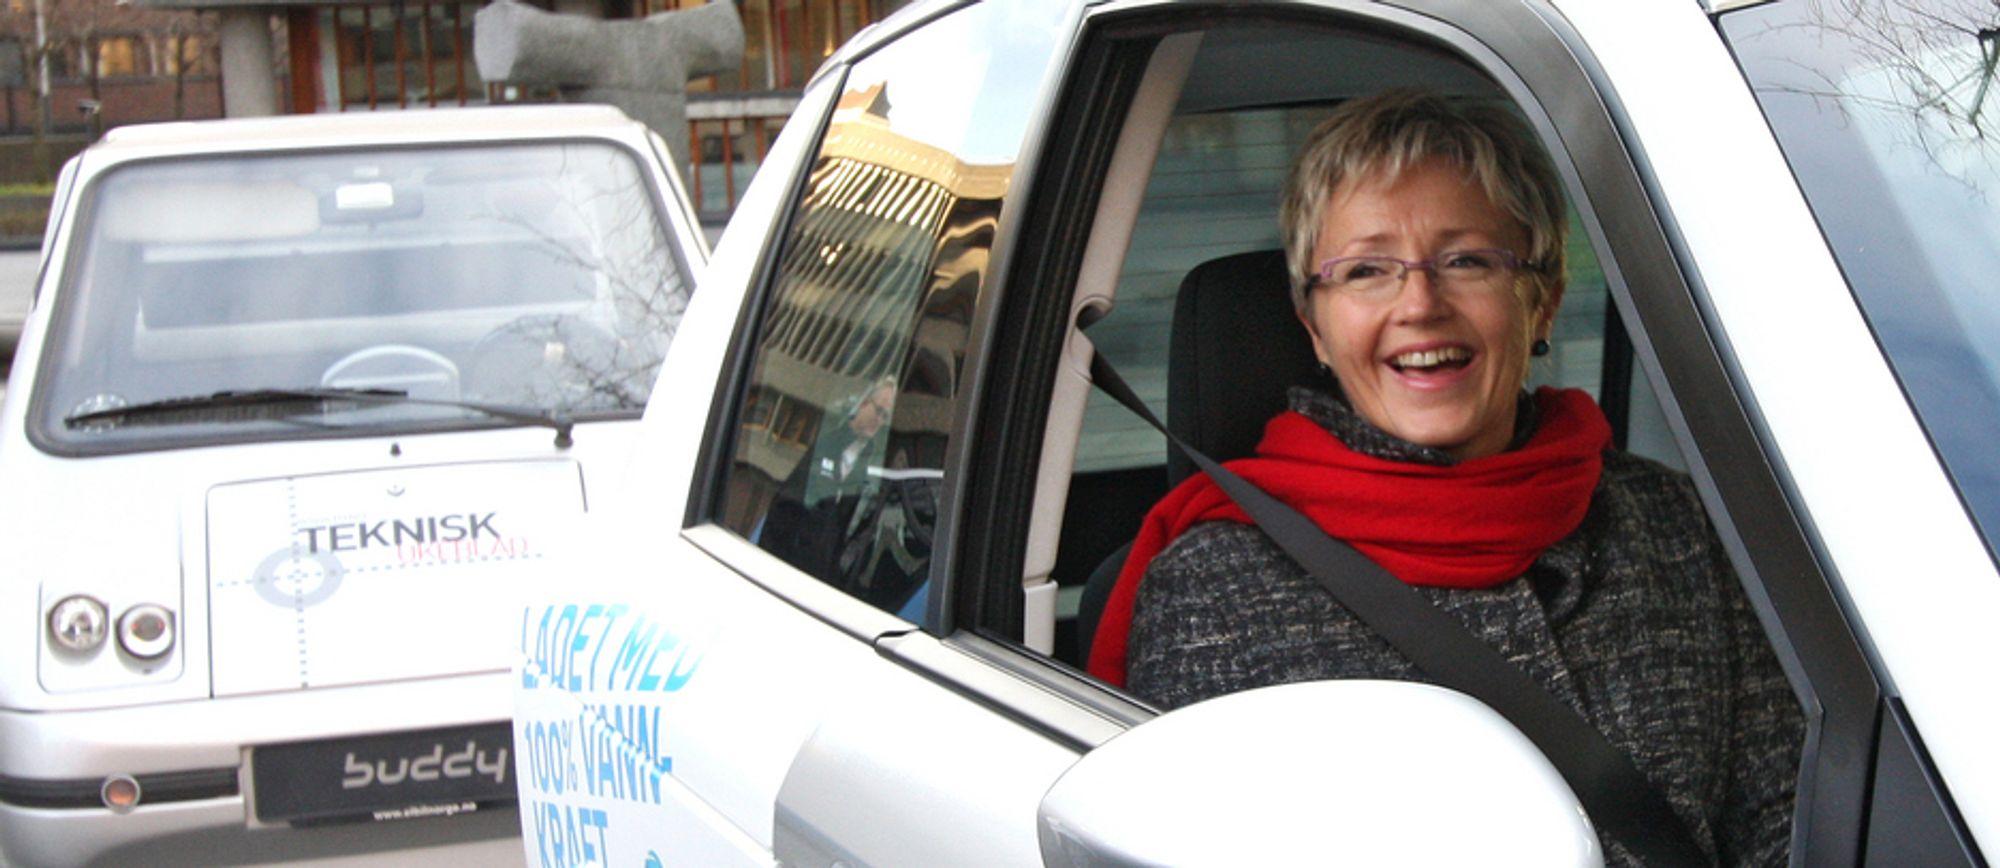 Samferdselsminister Liv Signe Navarsete nedsetter nå et ekspertutvalg som skal blinke ut tiltak for å legge enda bedre til rette for elbiler i Norge.